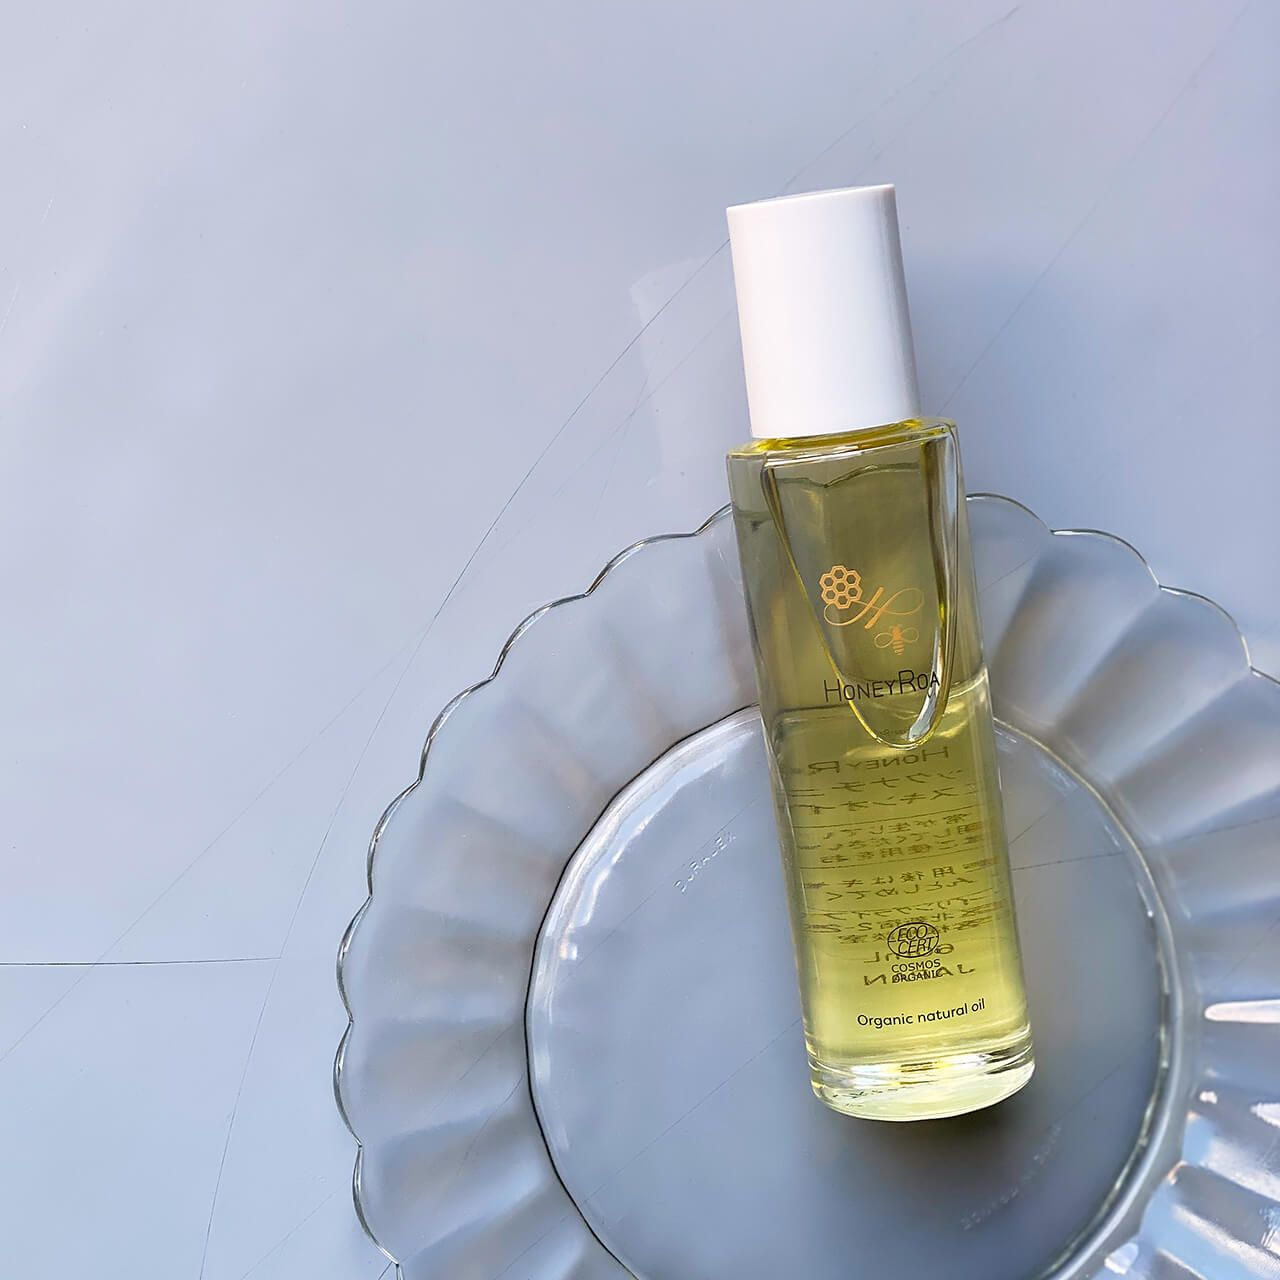 Photo of 保湿、マッサージ、ヘアスタイリングなど、全身にマルチに使える! ハニーロアの癒やしのオーガニックオイル | LEE